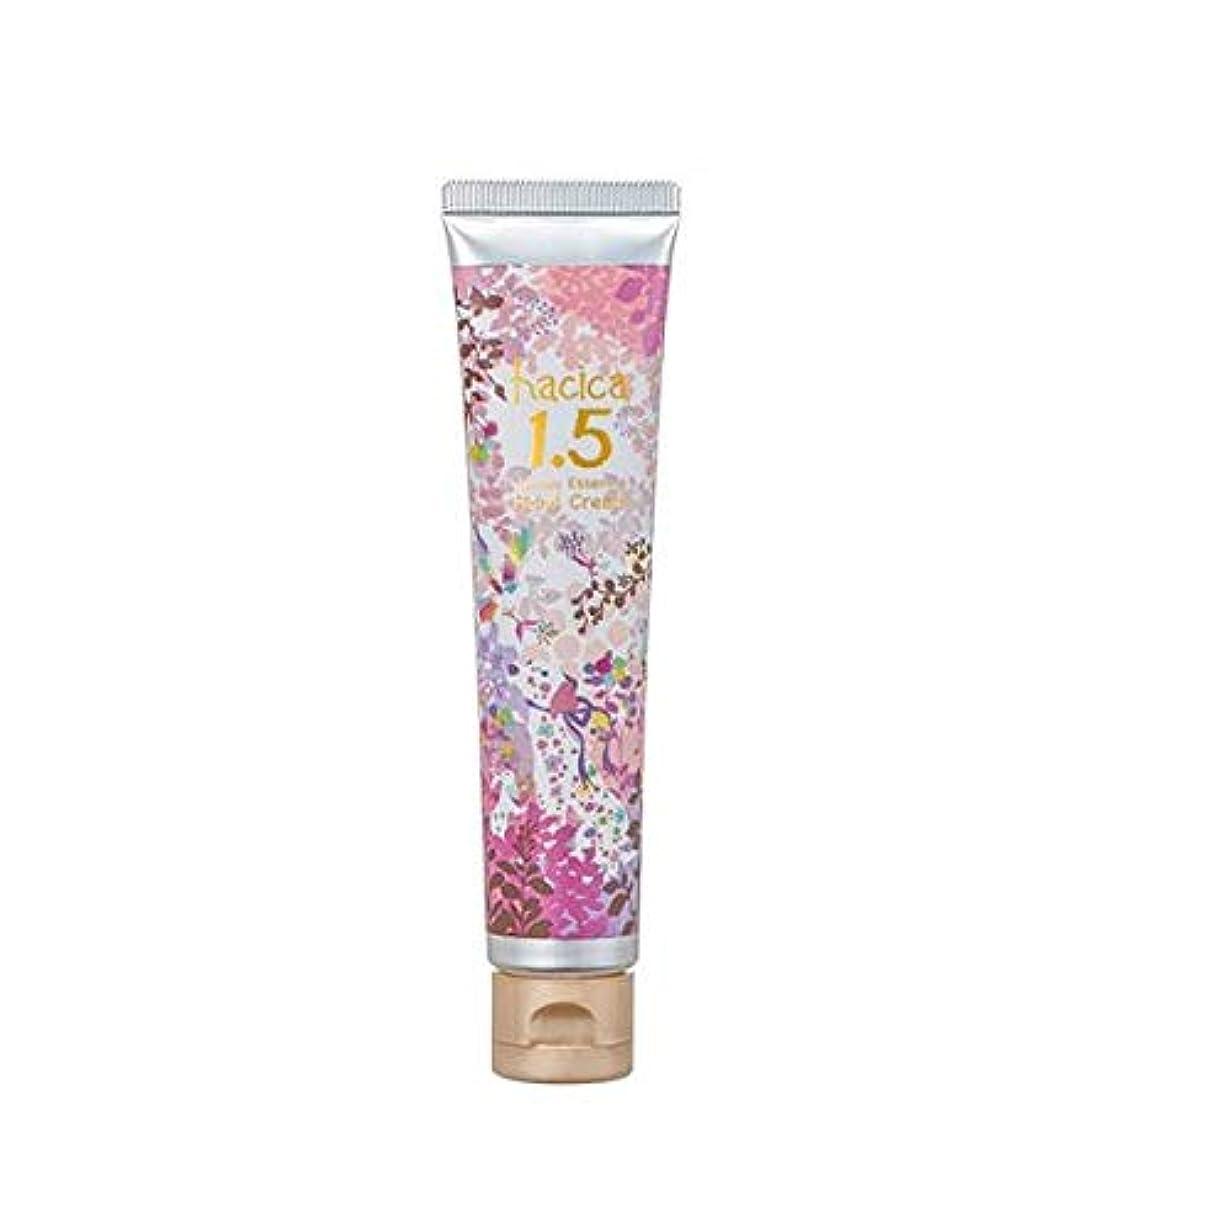 安全性砂利コールドハチカ ハニーエッセンス ハンドクリーム 1.5 フルーティハニーの香り 40g